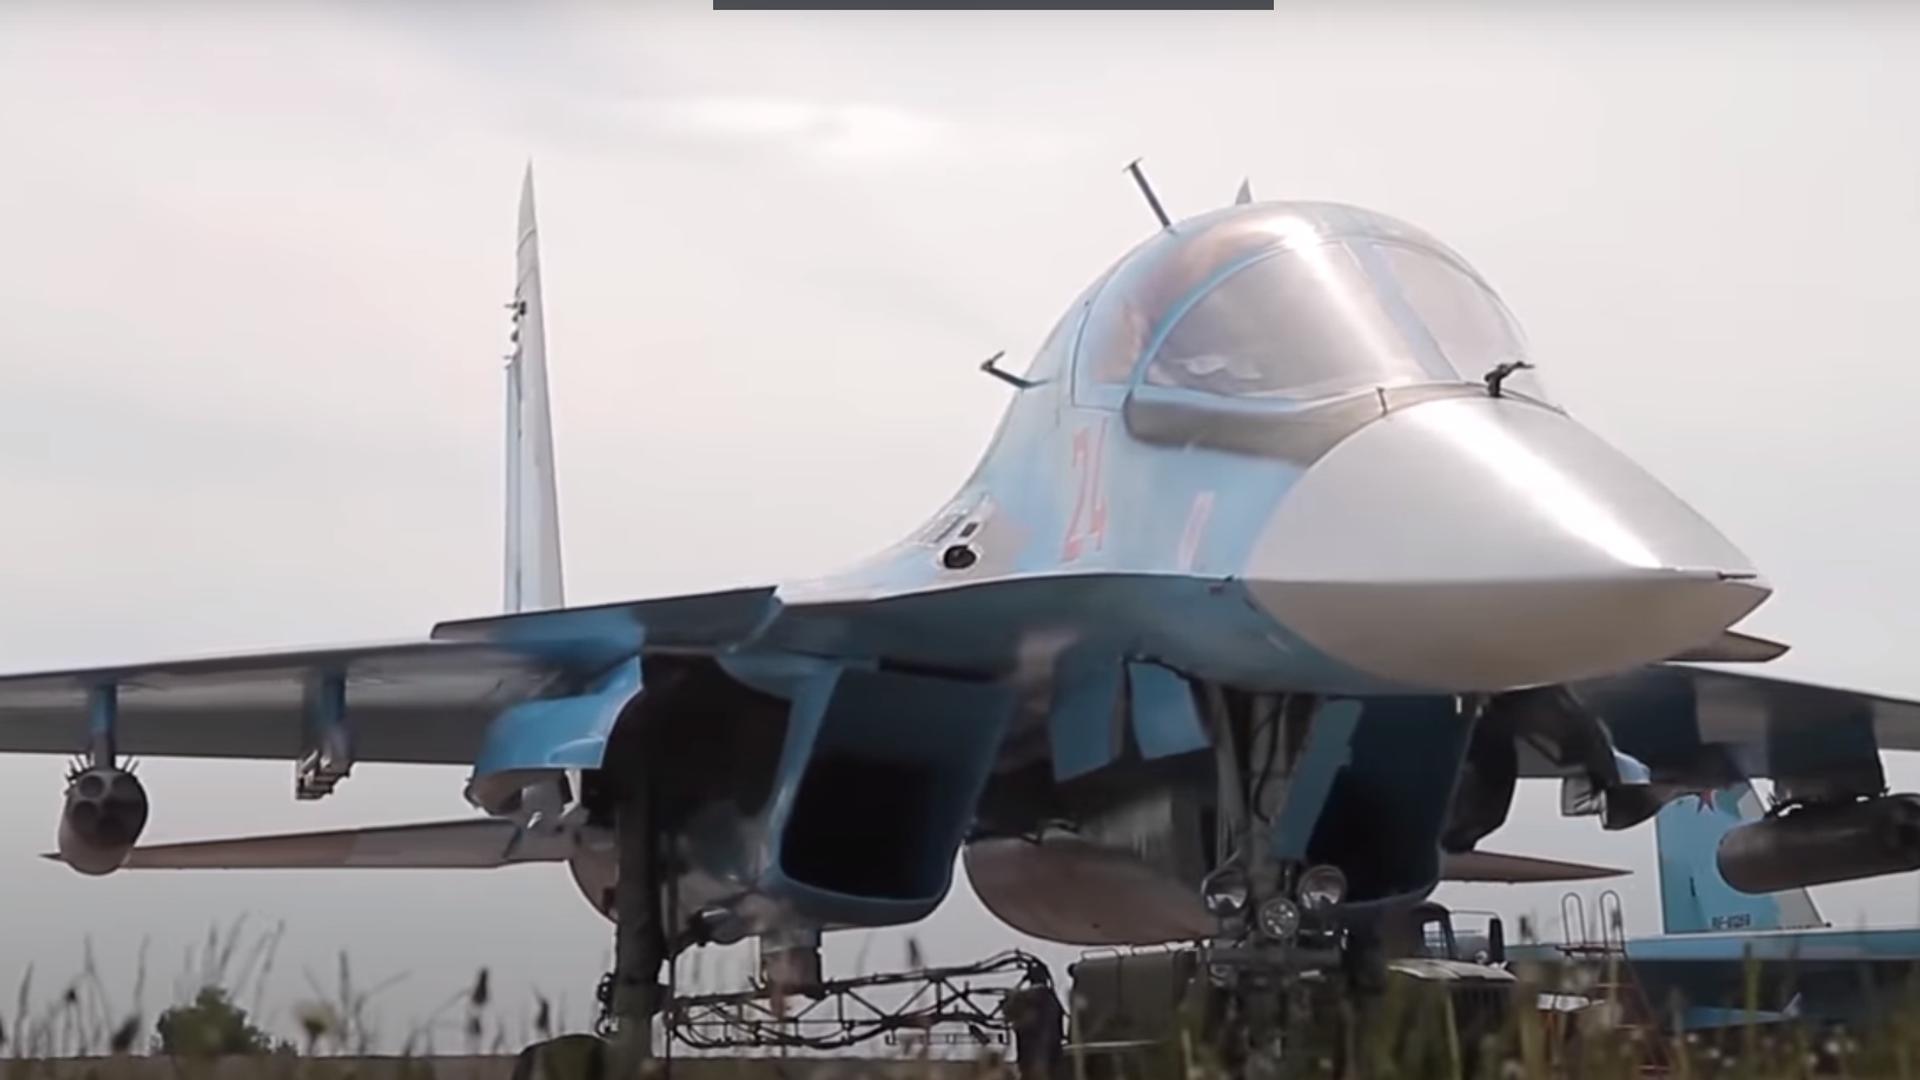 Учения Су-34 в Курганской области - РИА Новости, 1920, 05.06.2021